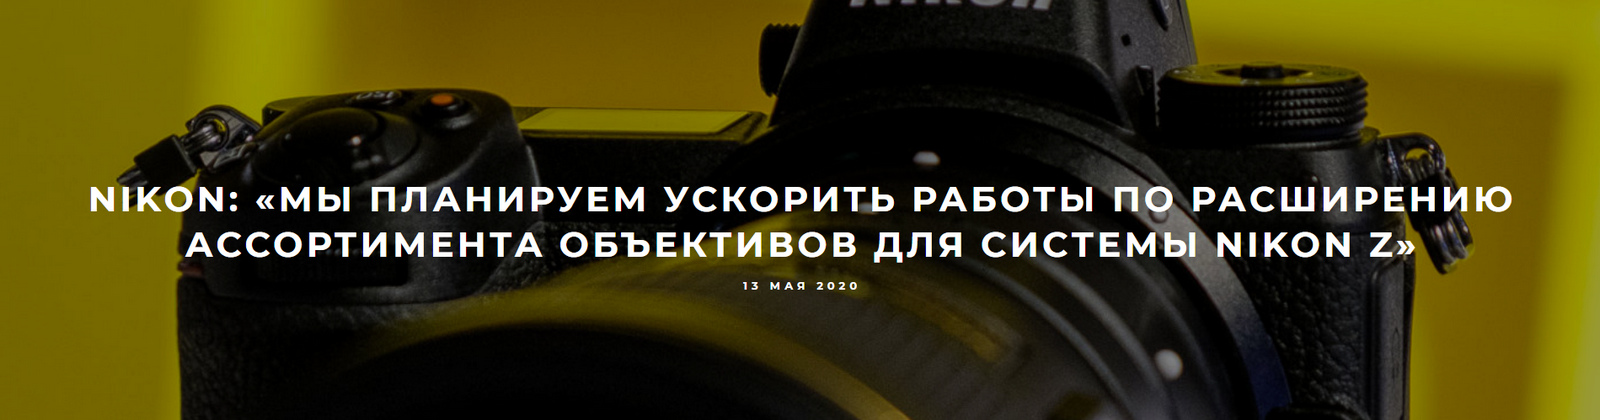 Текст высказывания представителей компании Nikon